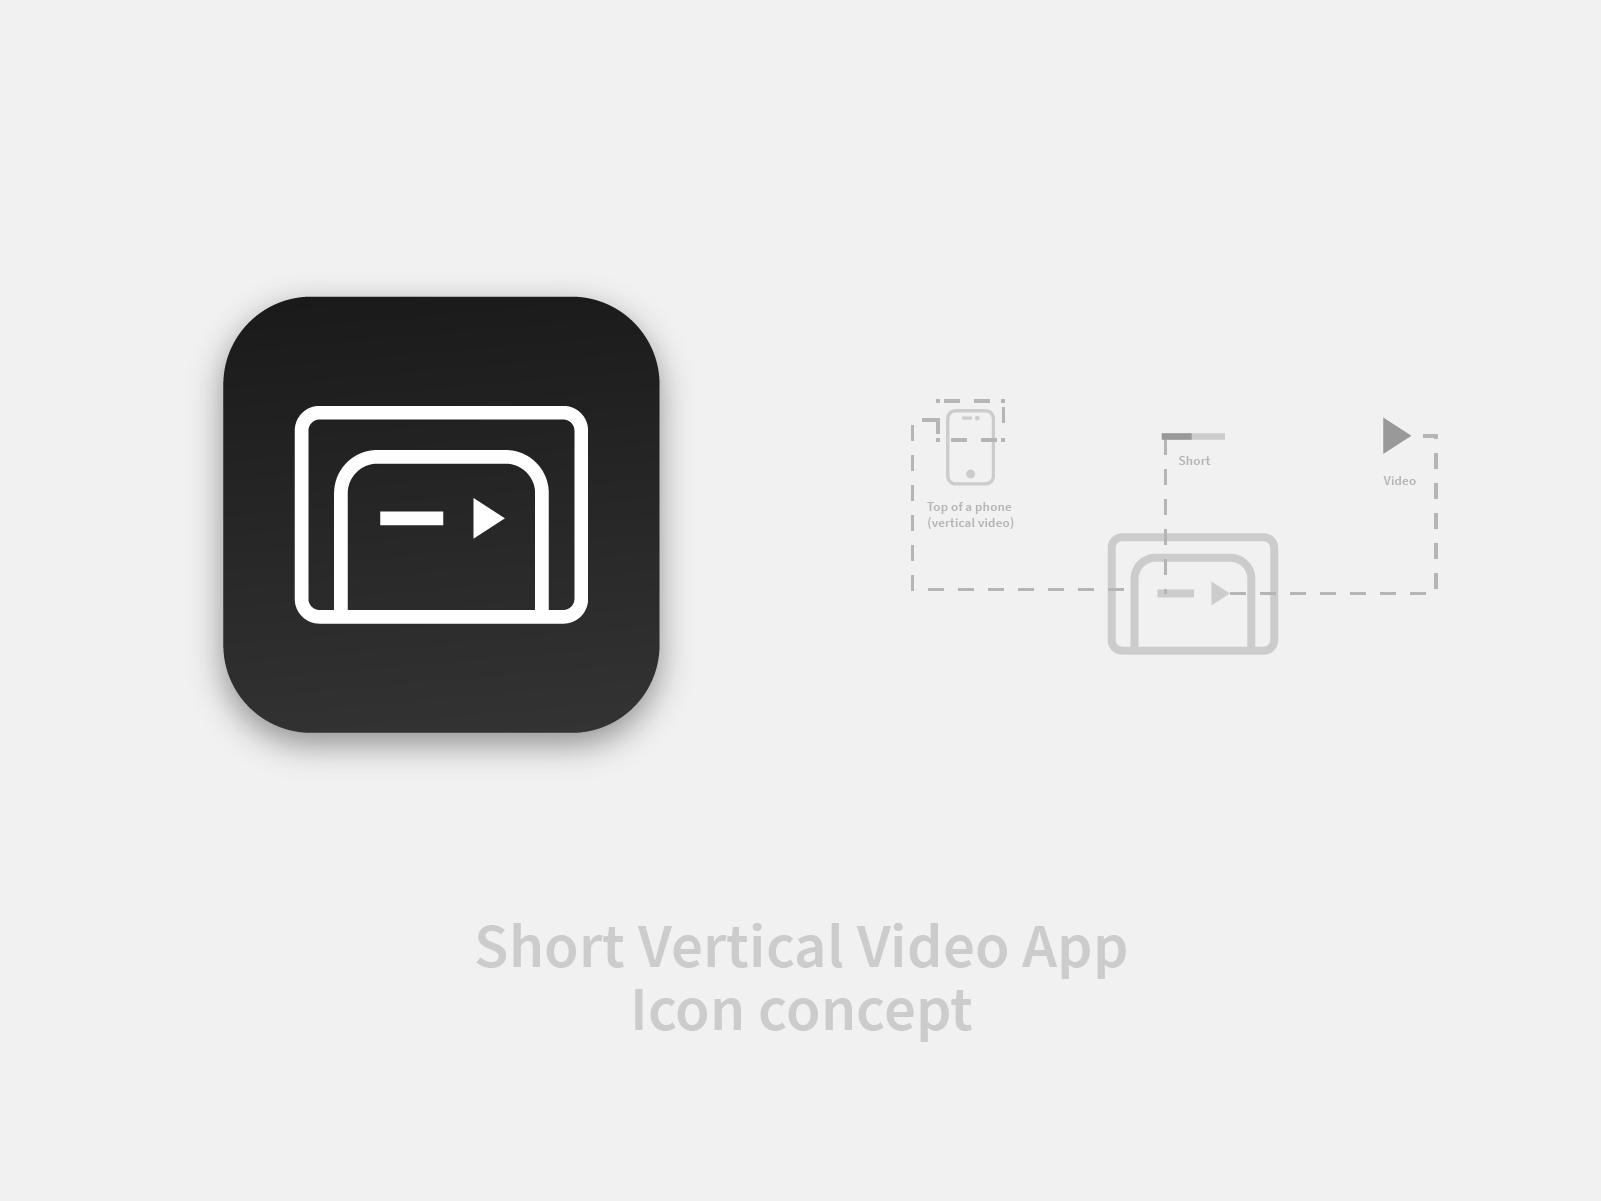 Dui 5 app icon  dribblbe  2x